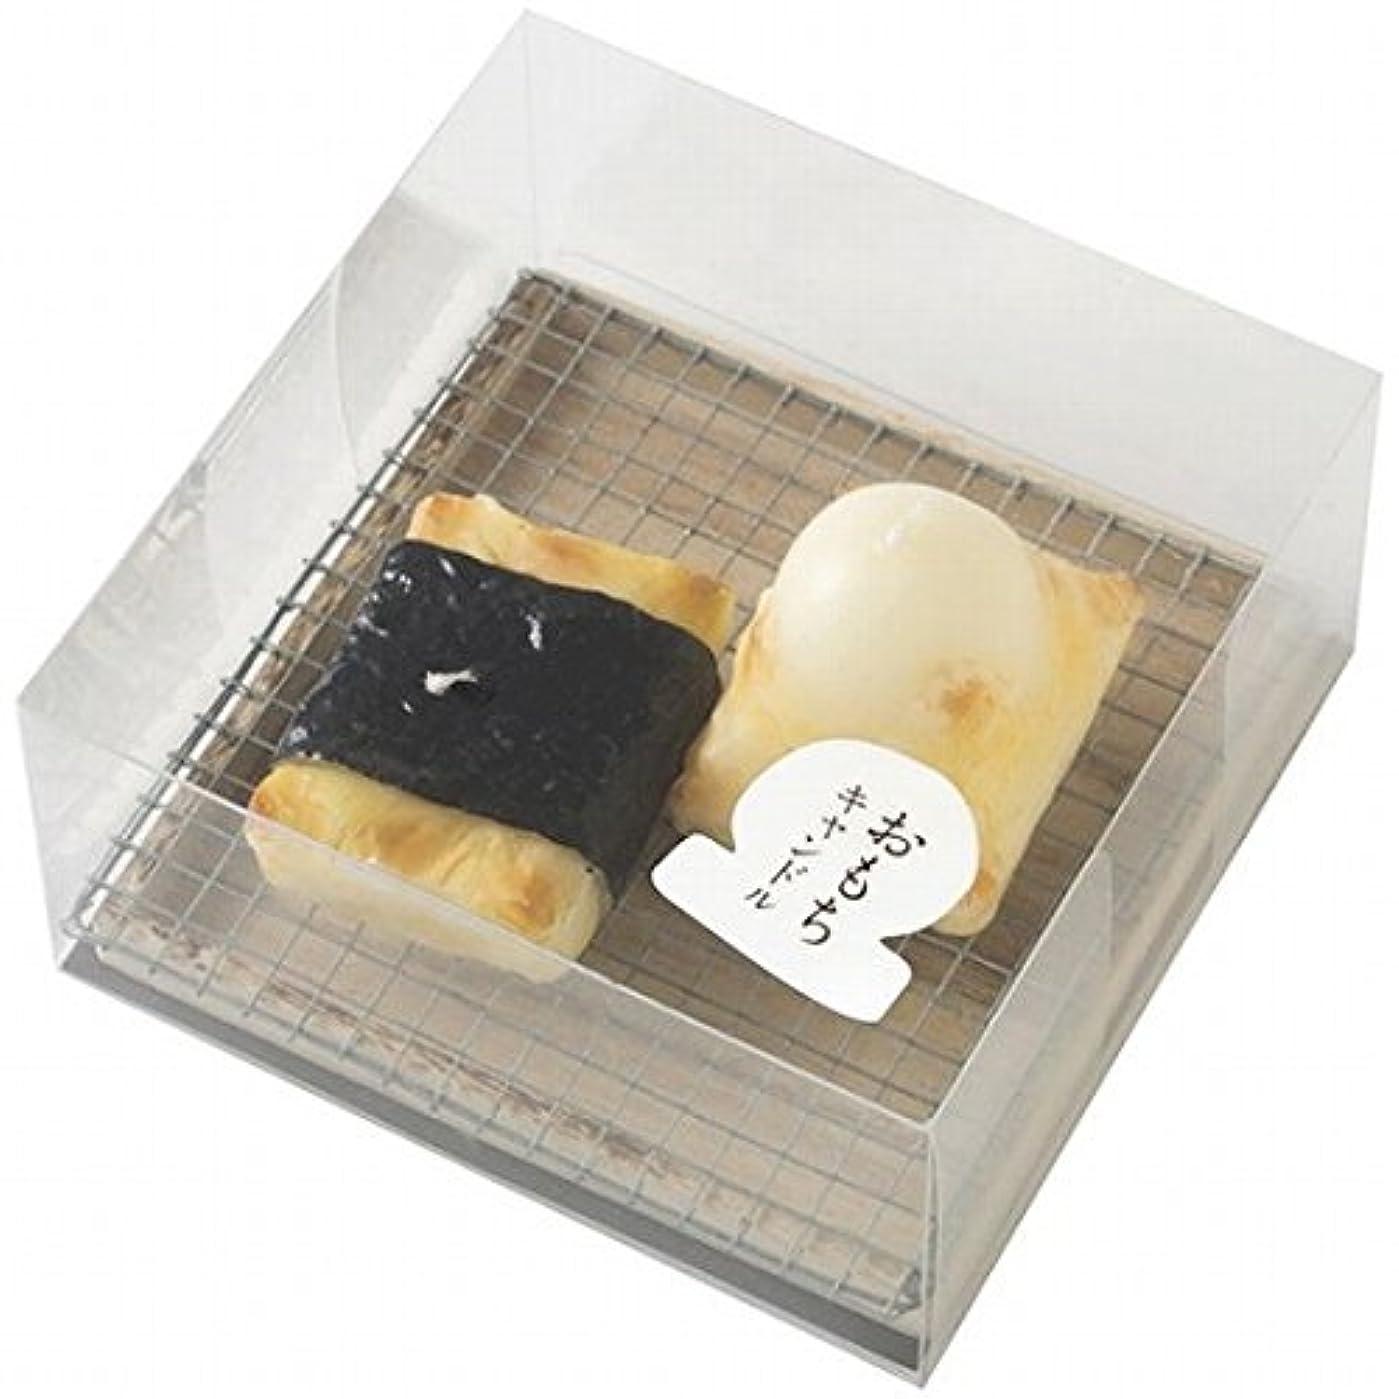 輸血ラケット罪人カメヤマキャンドル(kameyama candle) おもちキャンドル